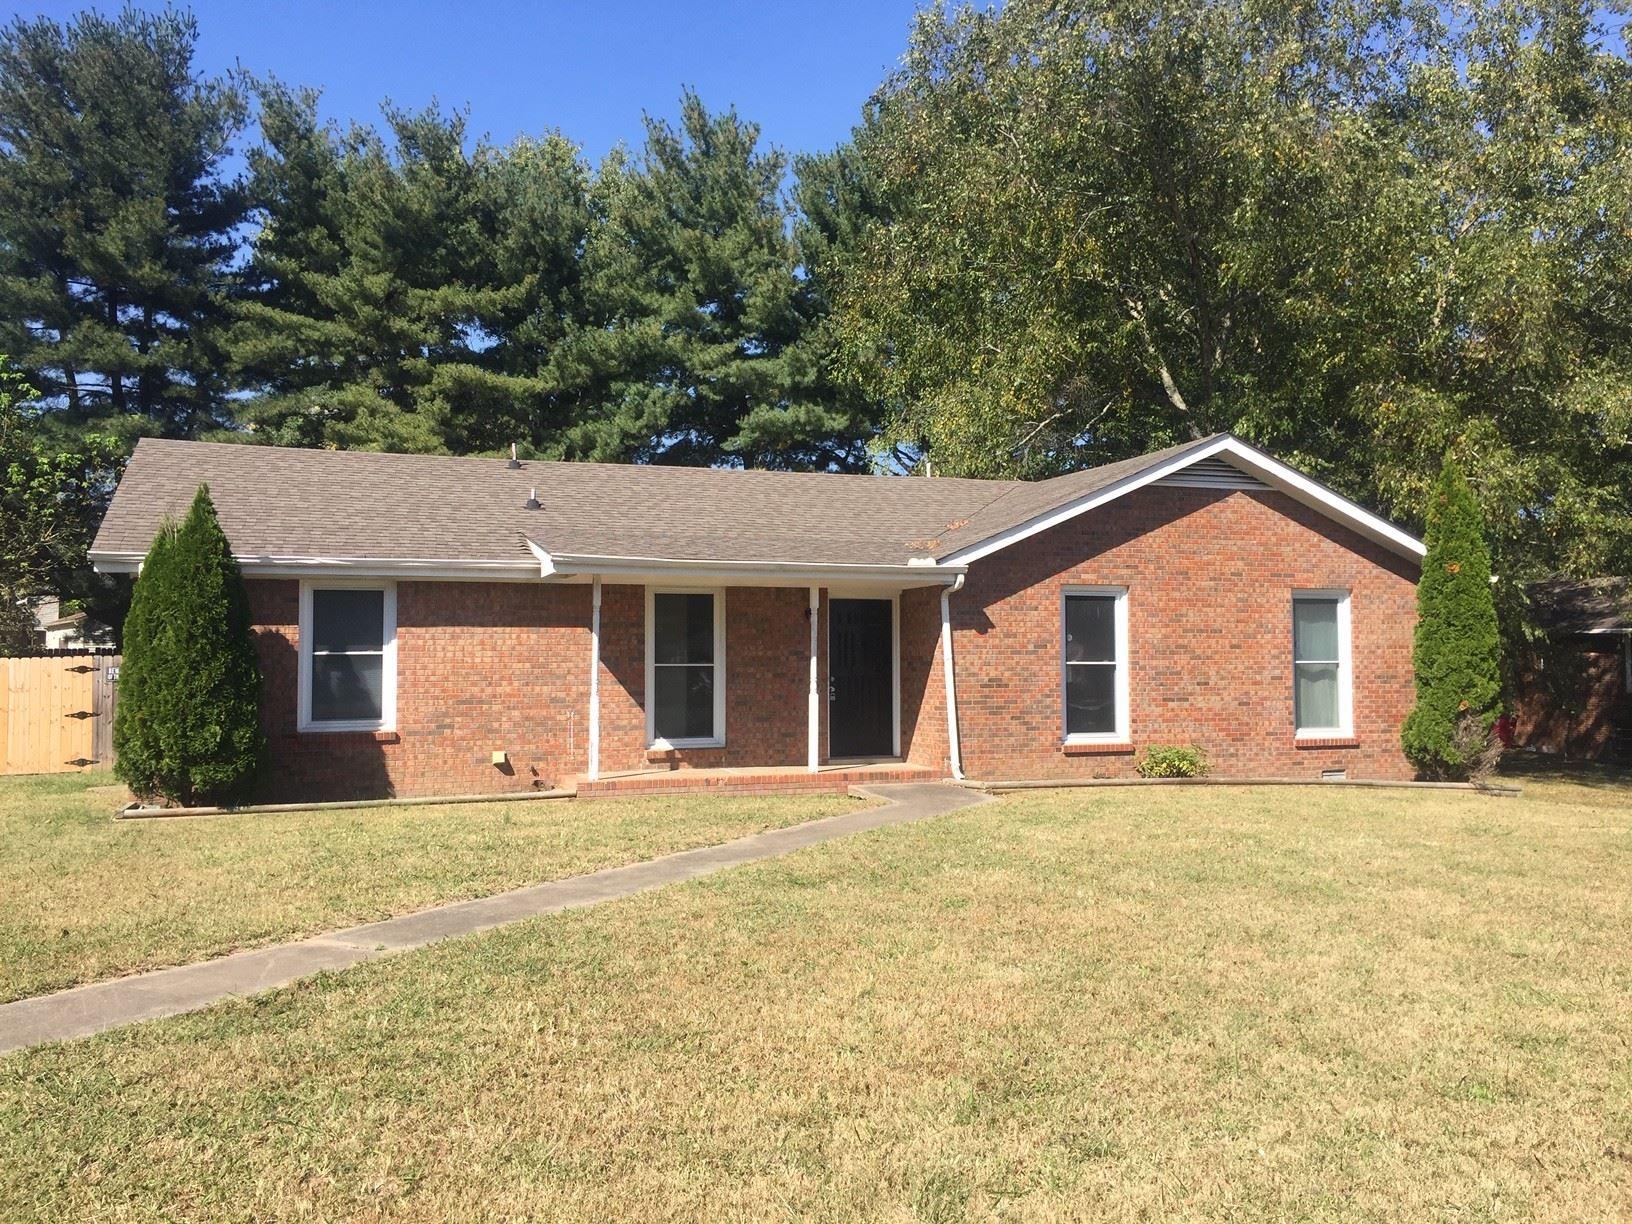 702 Sue Dr, Clarksville, TN 37042 - MLS#: 2197119